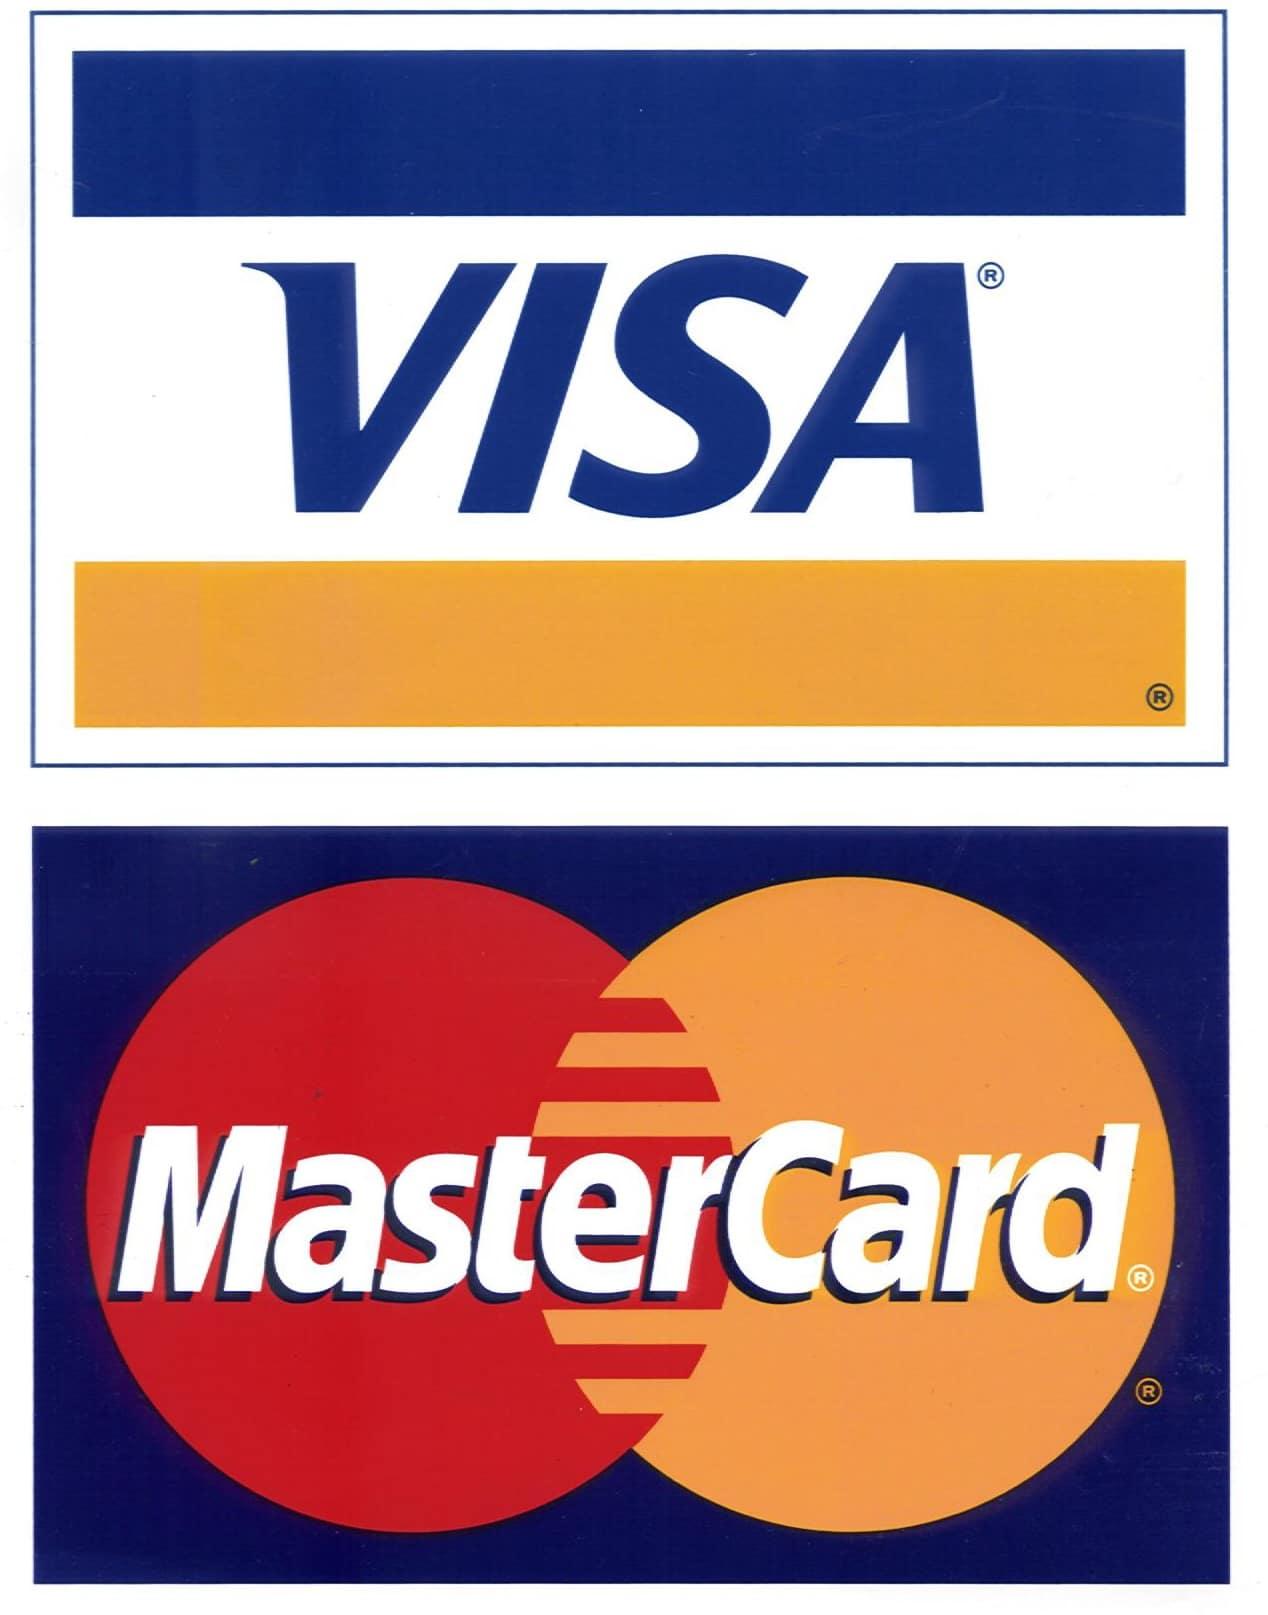 Haartransplantationkosten mit Mastercard oder Visa zahlen